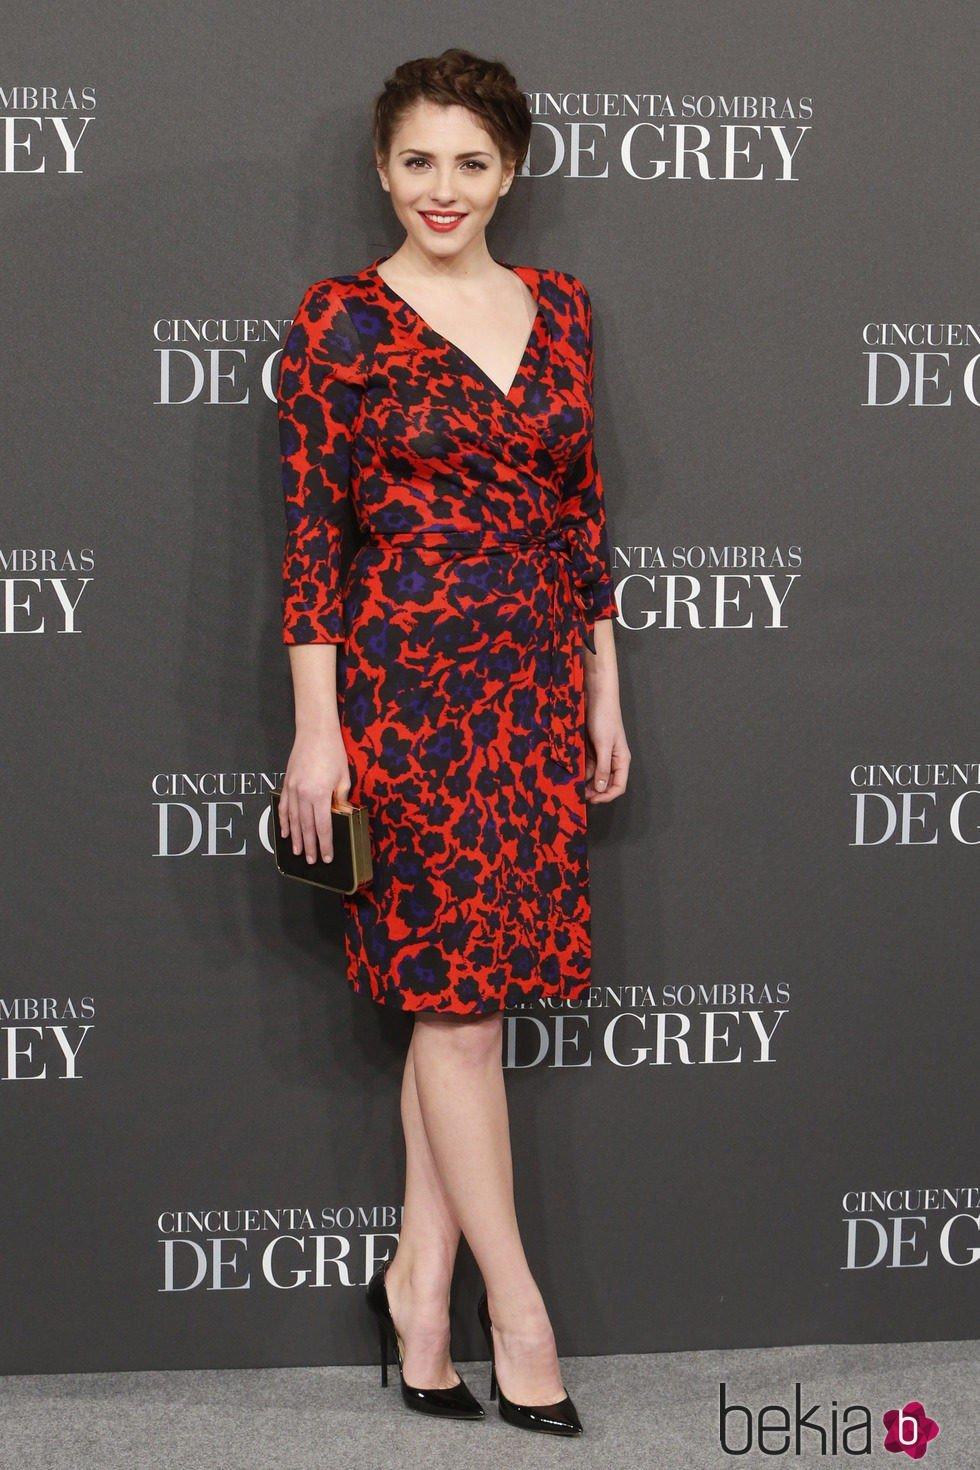 Andrea Duro en el estreno de 'Cincuenta sombras de Grey' en Madrid